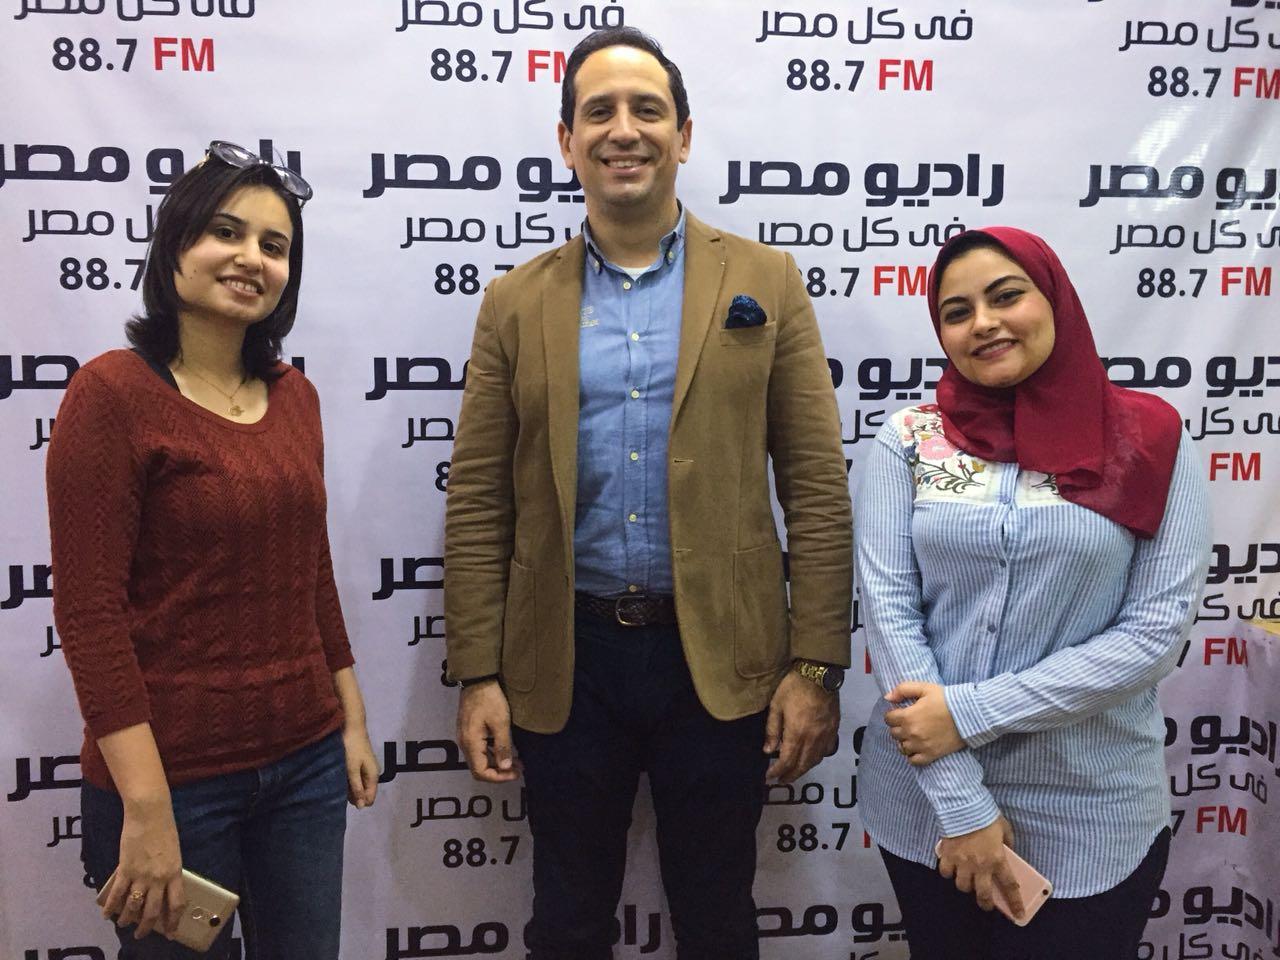 احتفالية راديو مصر (11)